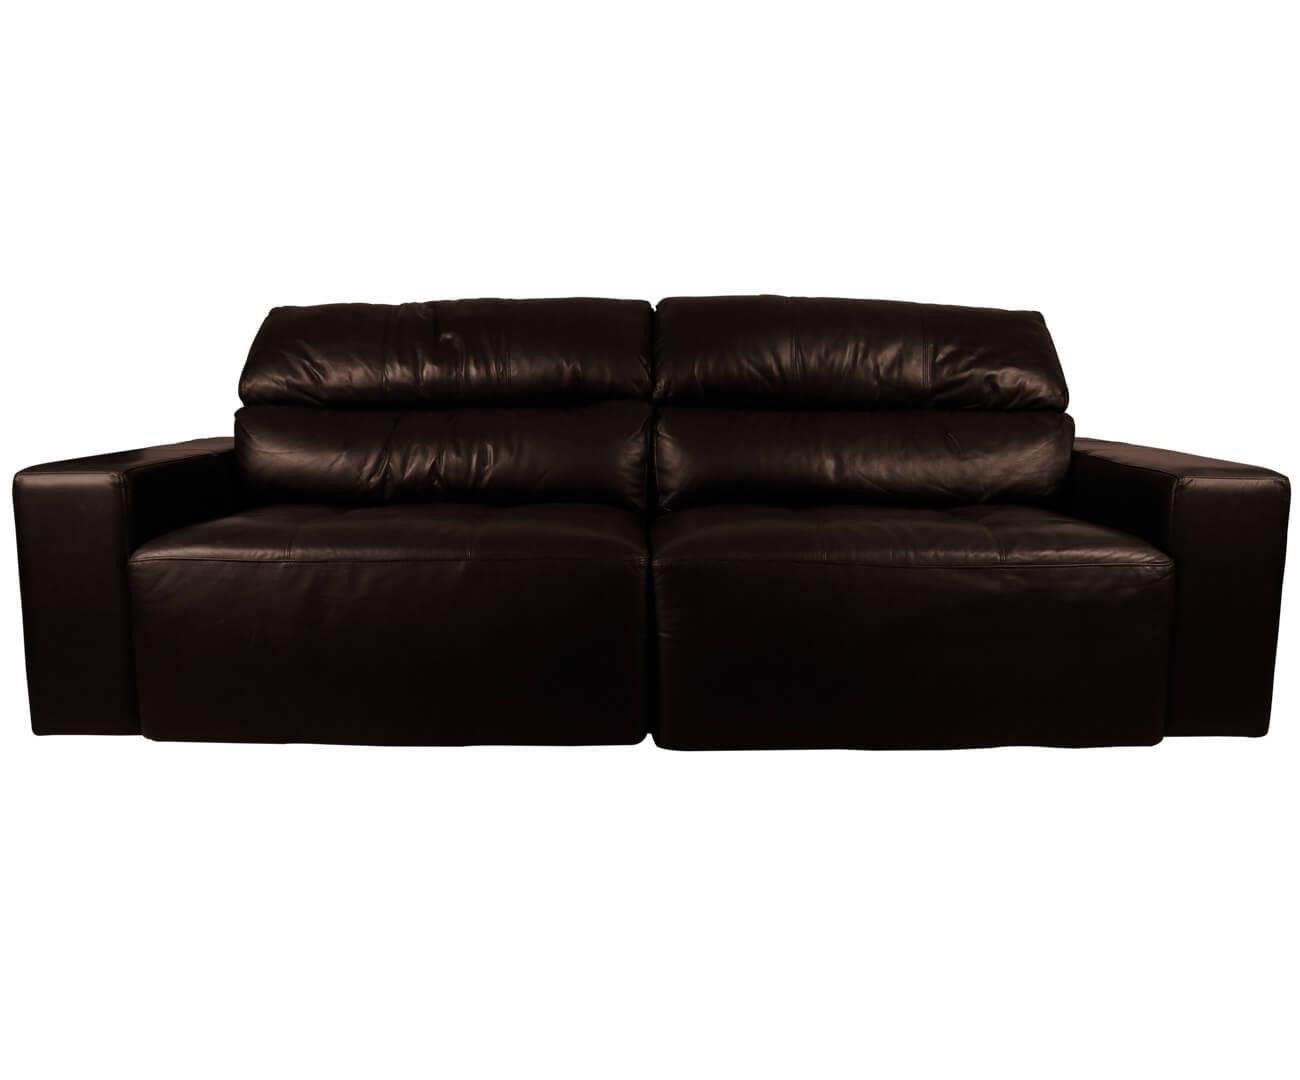 sofá 4 lugares retrátil em couro natural london - Ondo